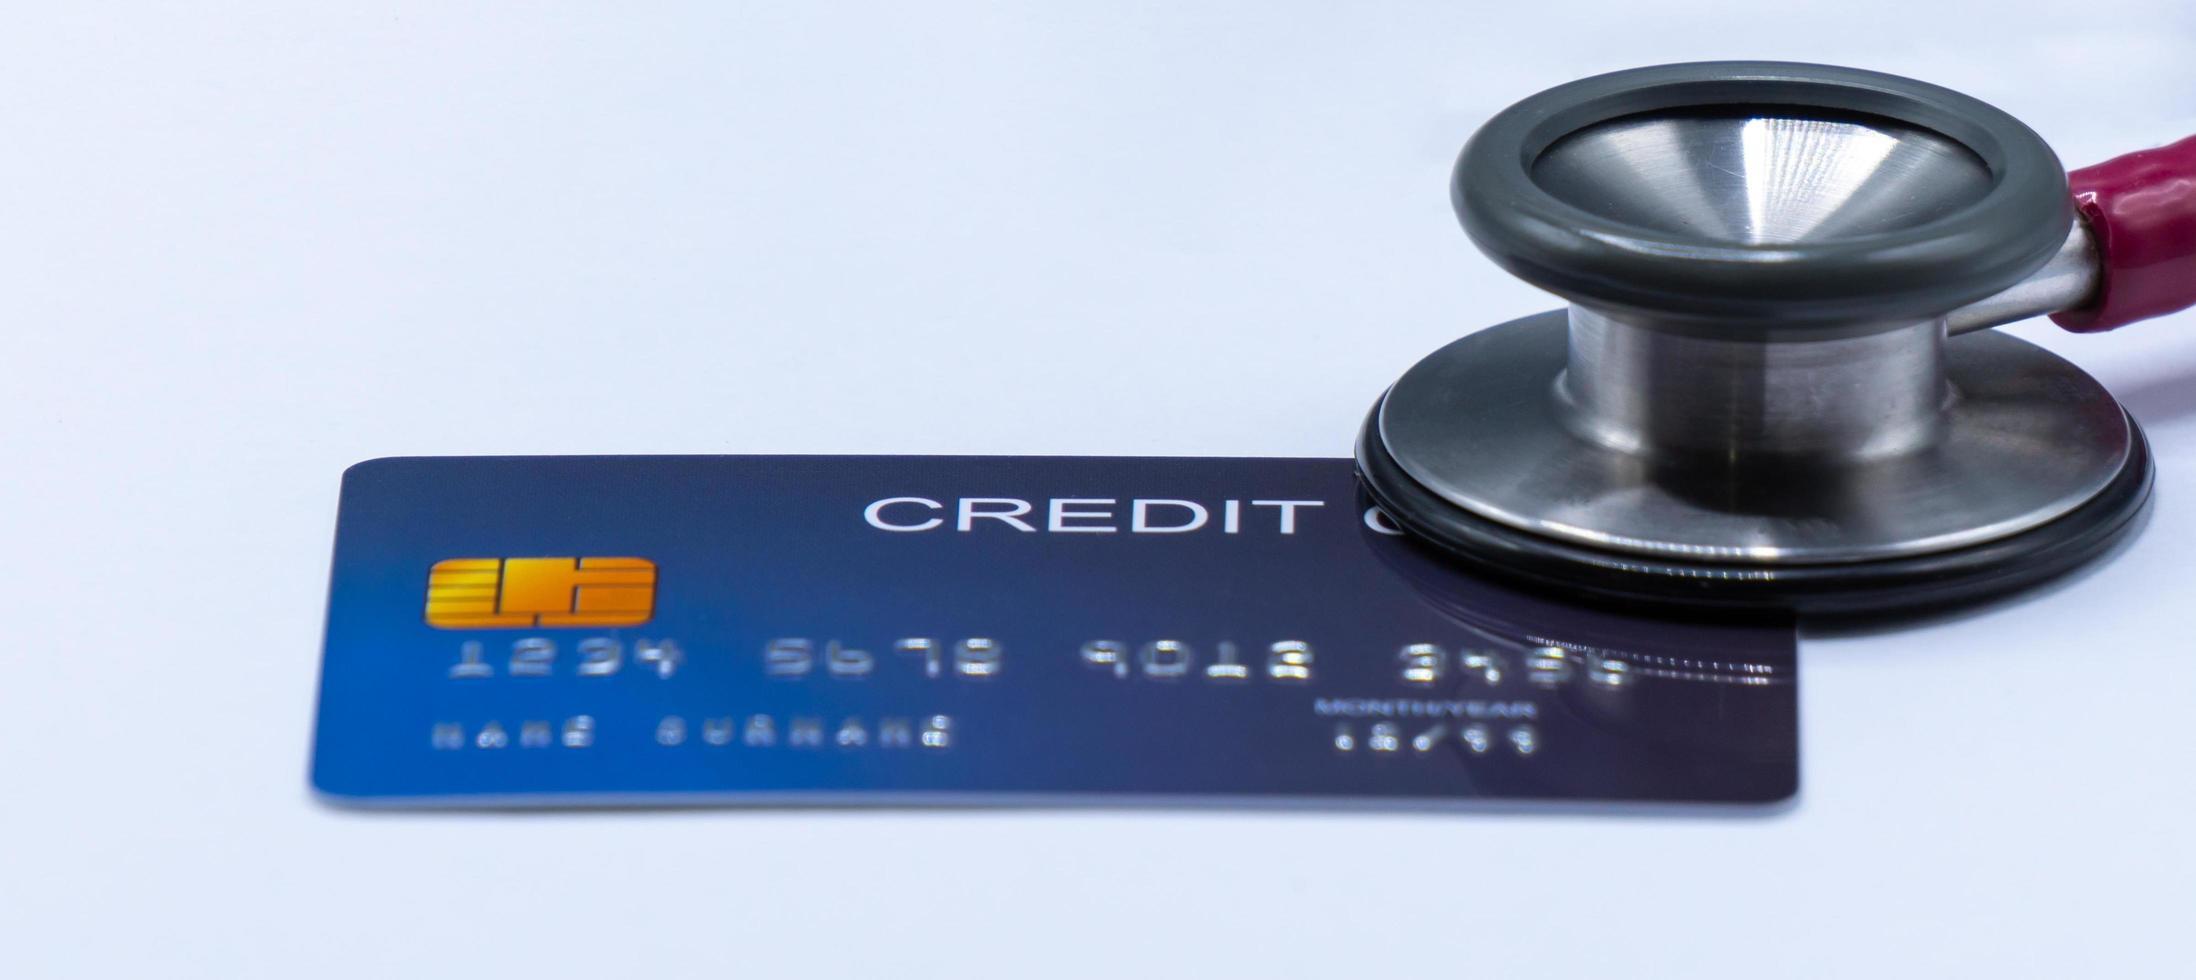 Estetoscopio en la tarjeta de crédito sobre el fondo blanco. foto